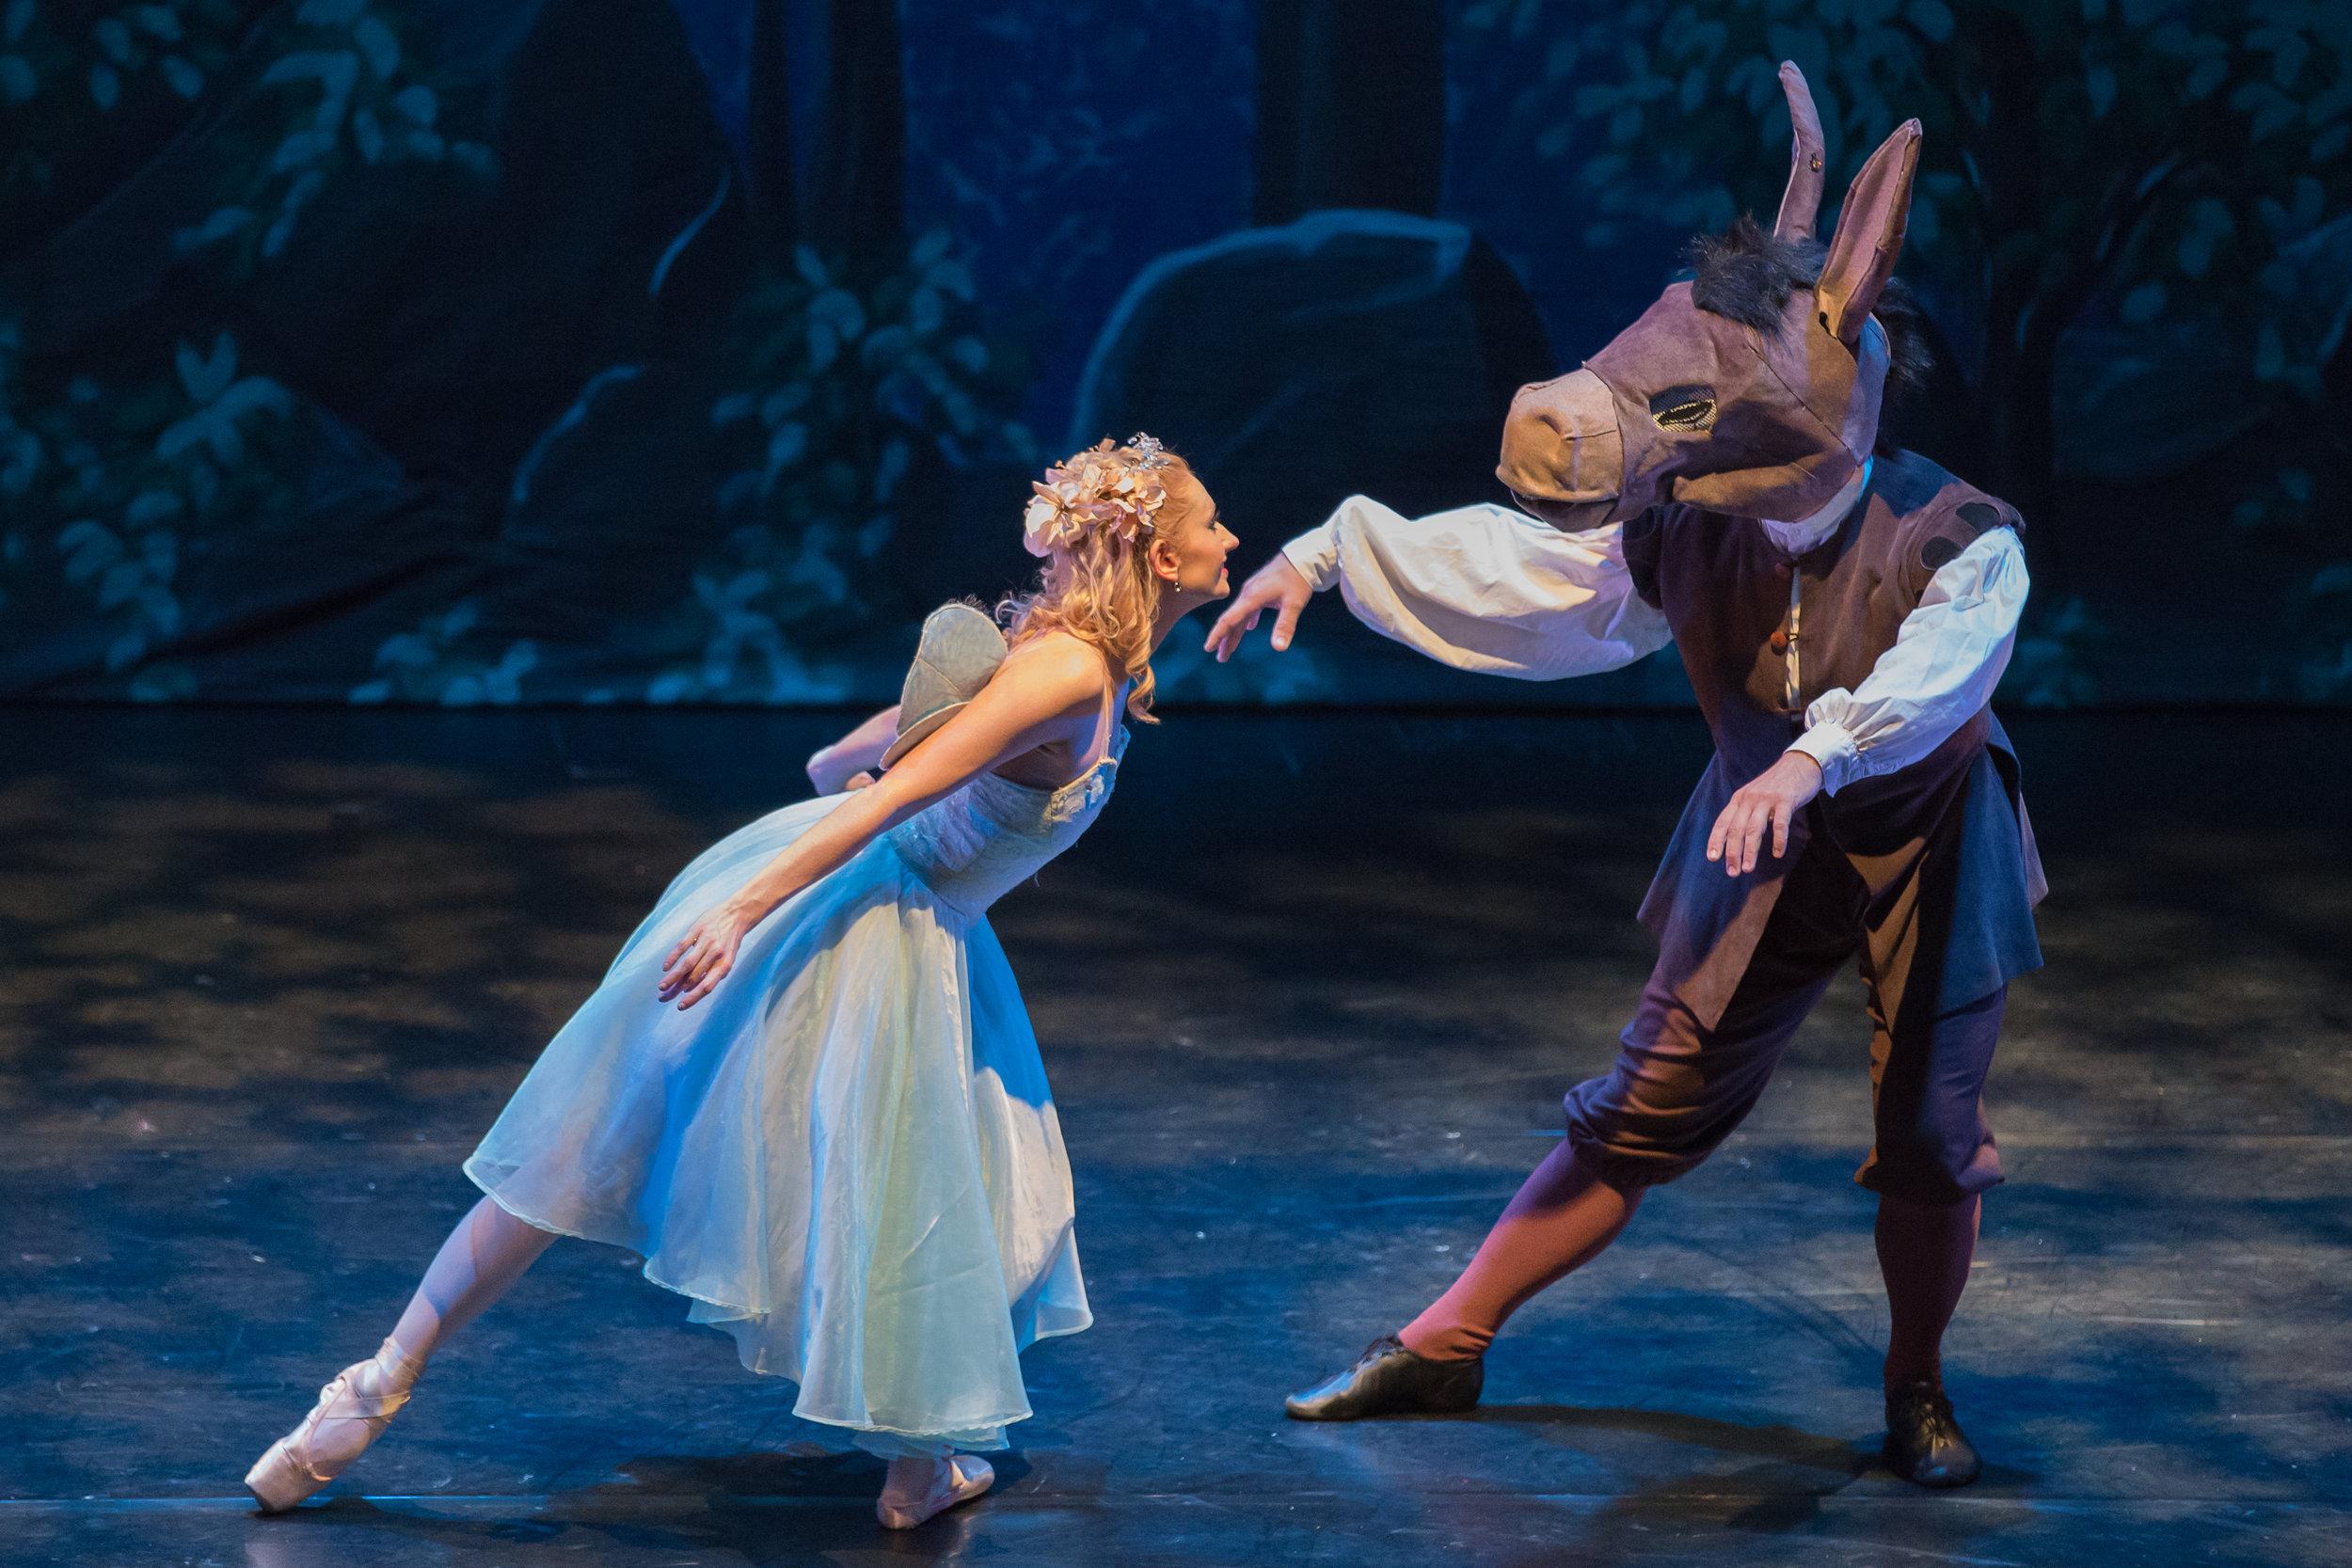 Dancers: Sarah Brower & Thomas Gant, Jr.